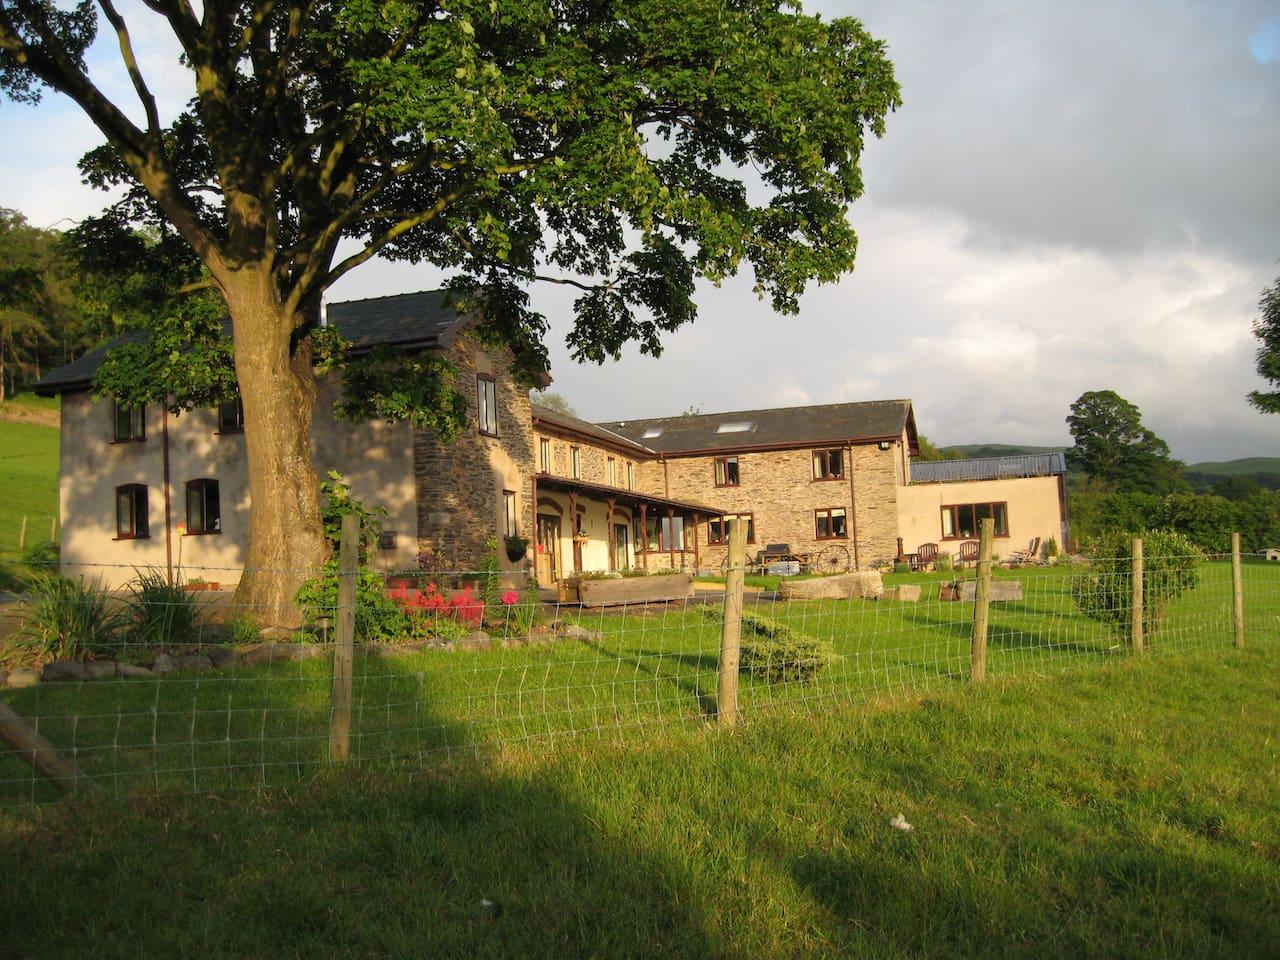 Bwlch Cottage @ Plas Tan Y Bwlch